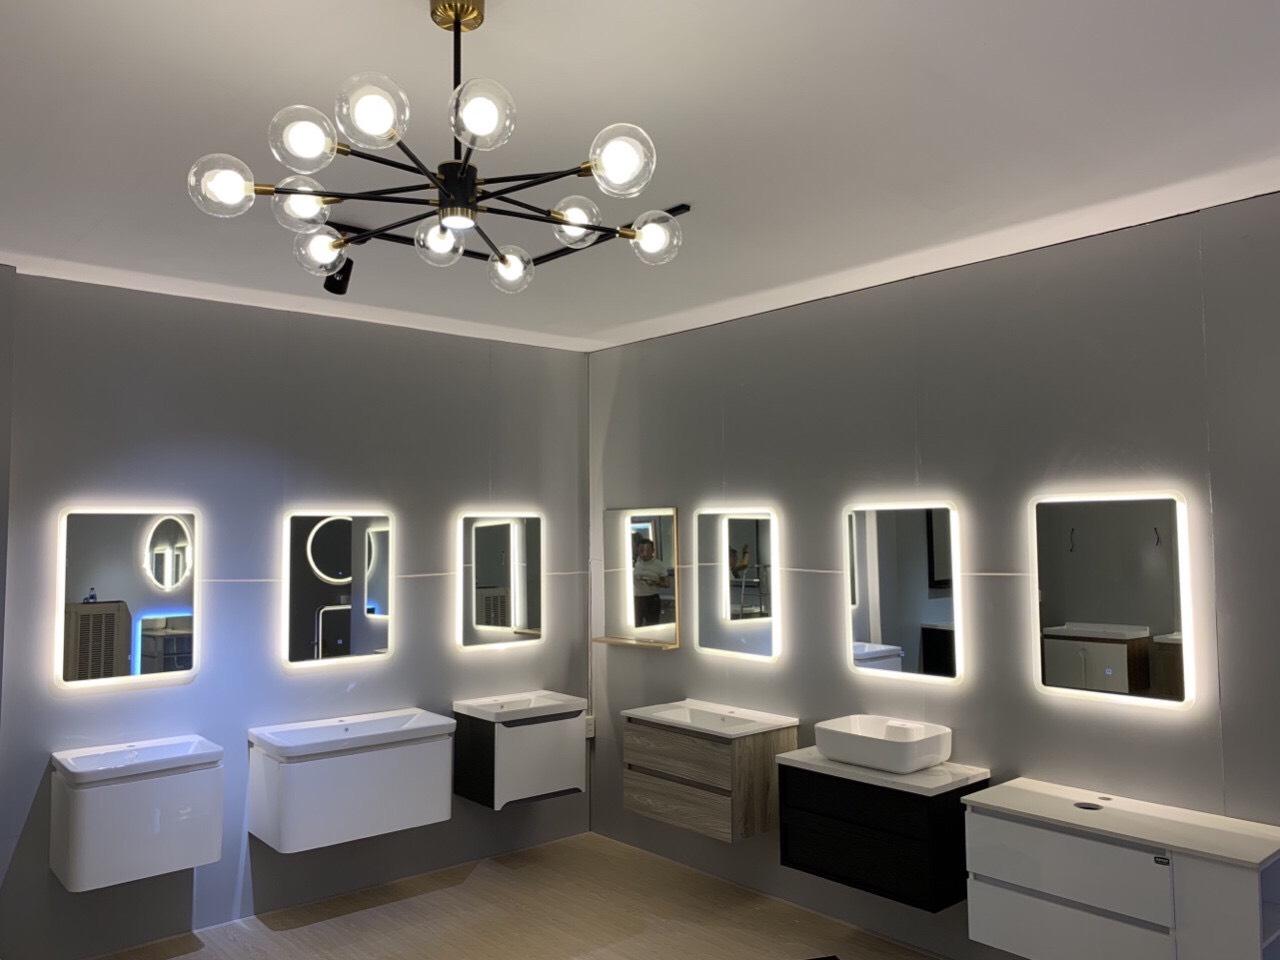 Hình ảnh trưng bày tủ lavabo Empolo